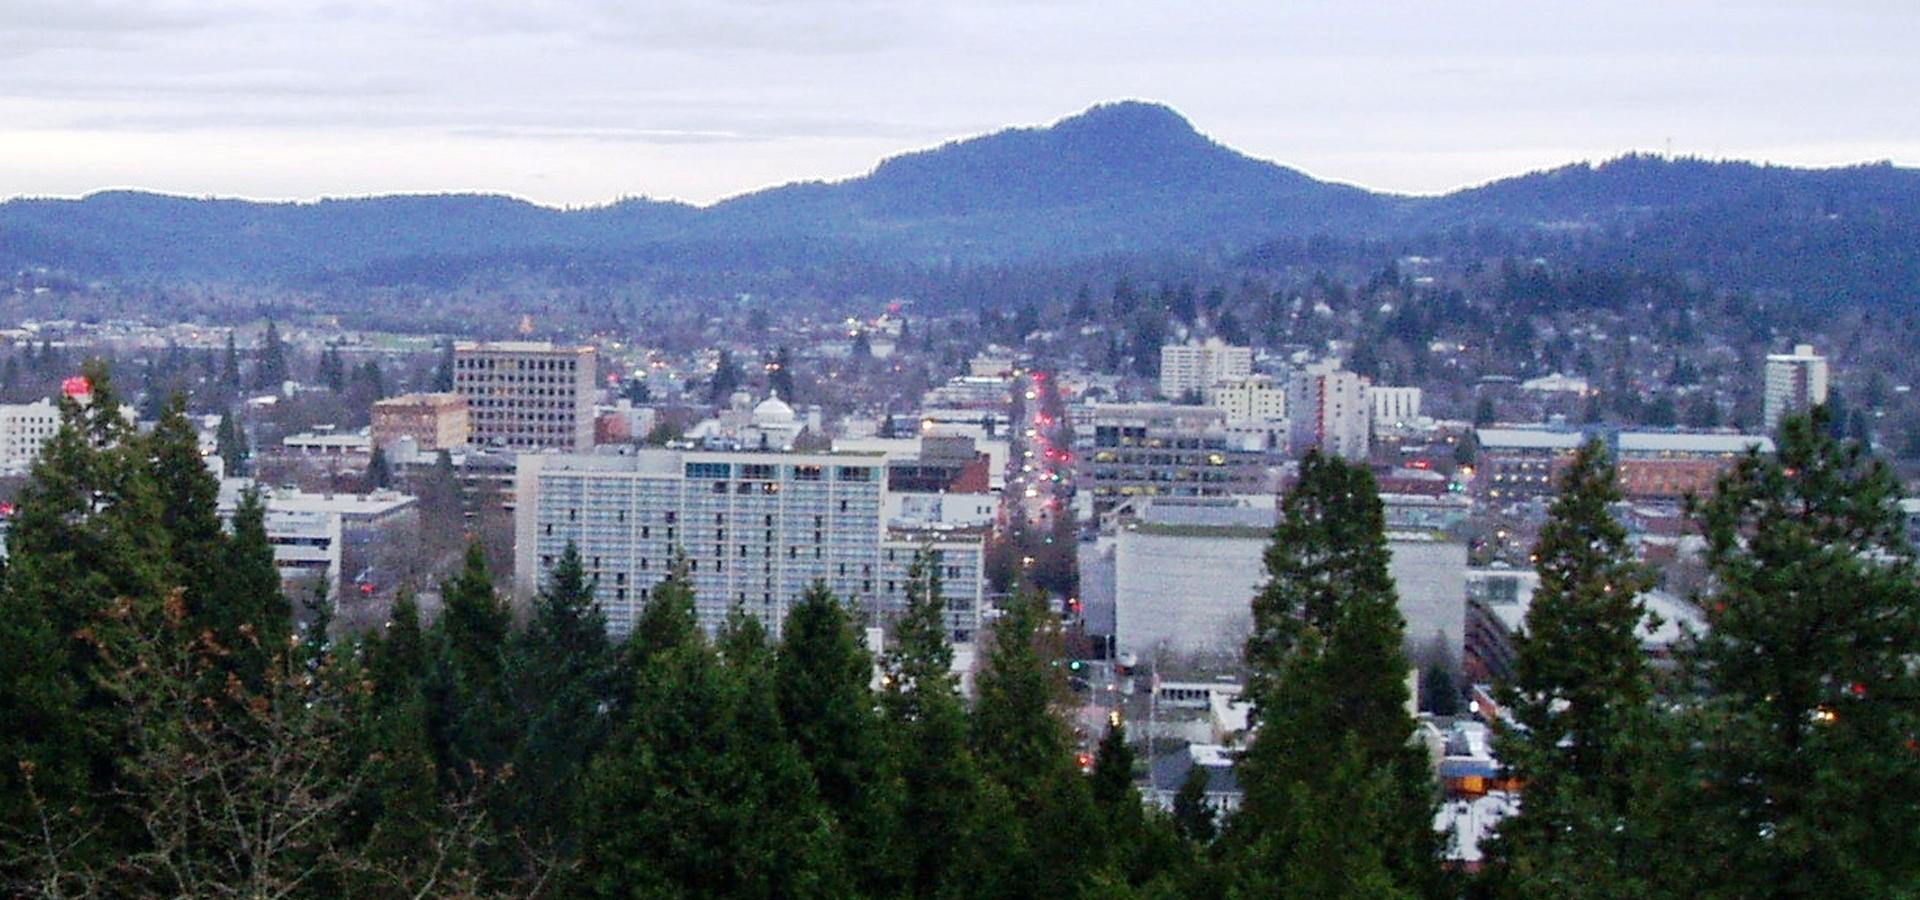 Peer-to-peer advisory in Eugene, Oregon, USA